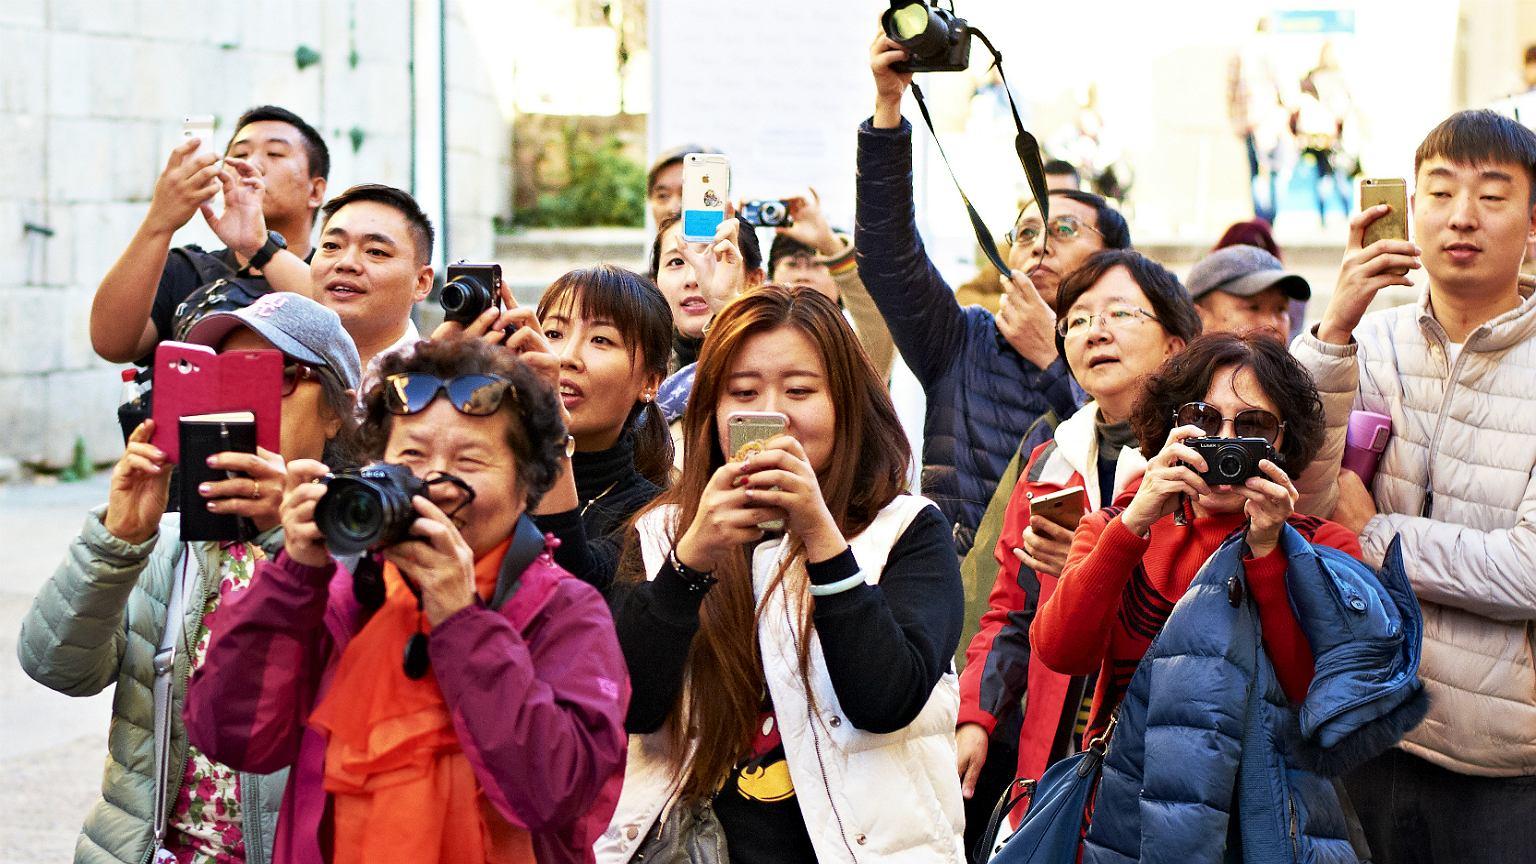 Polskę odwiedza coraz więcej turystów z Chin